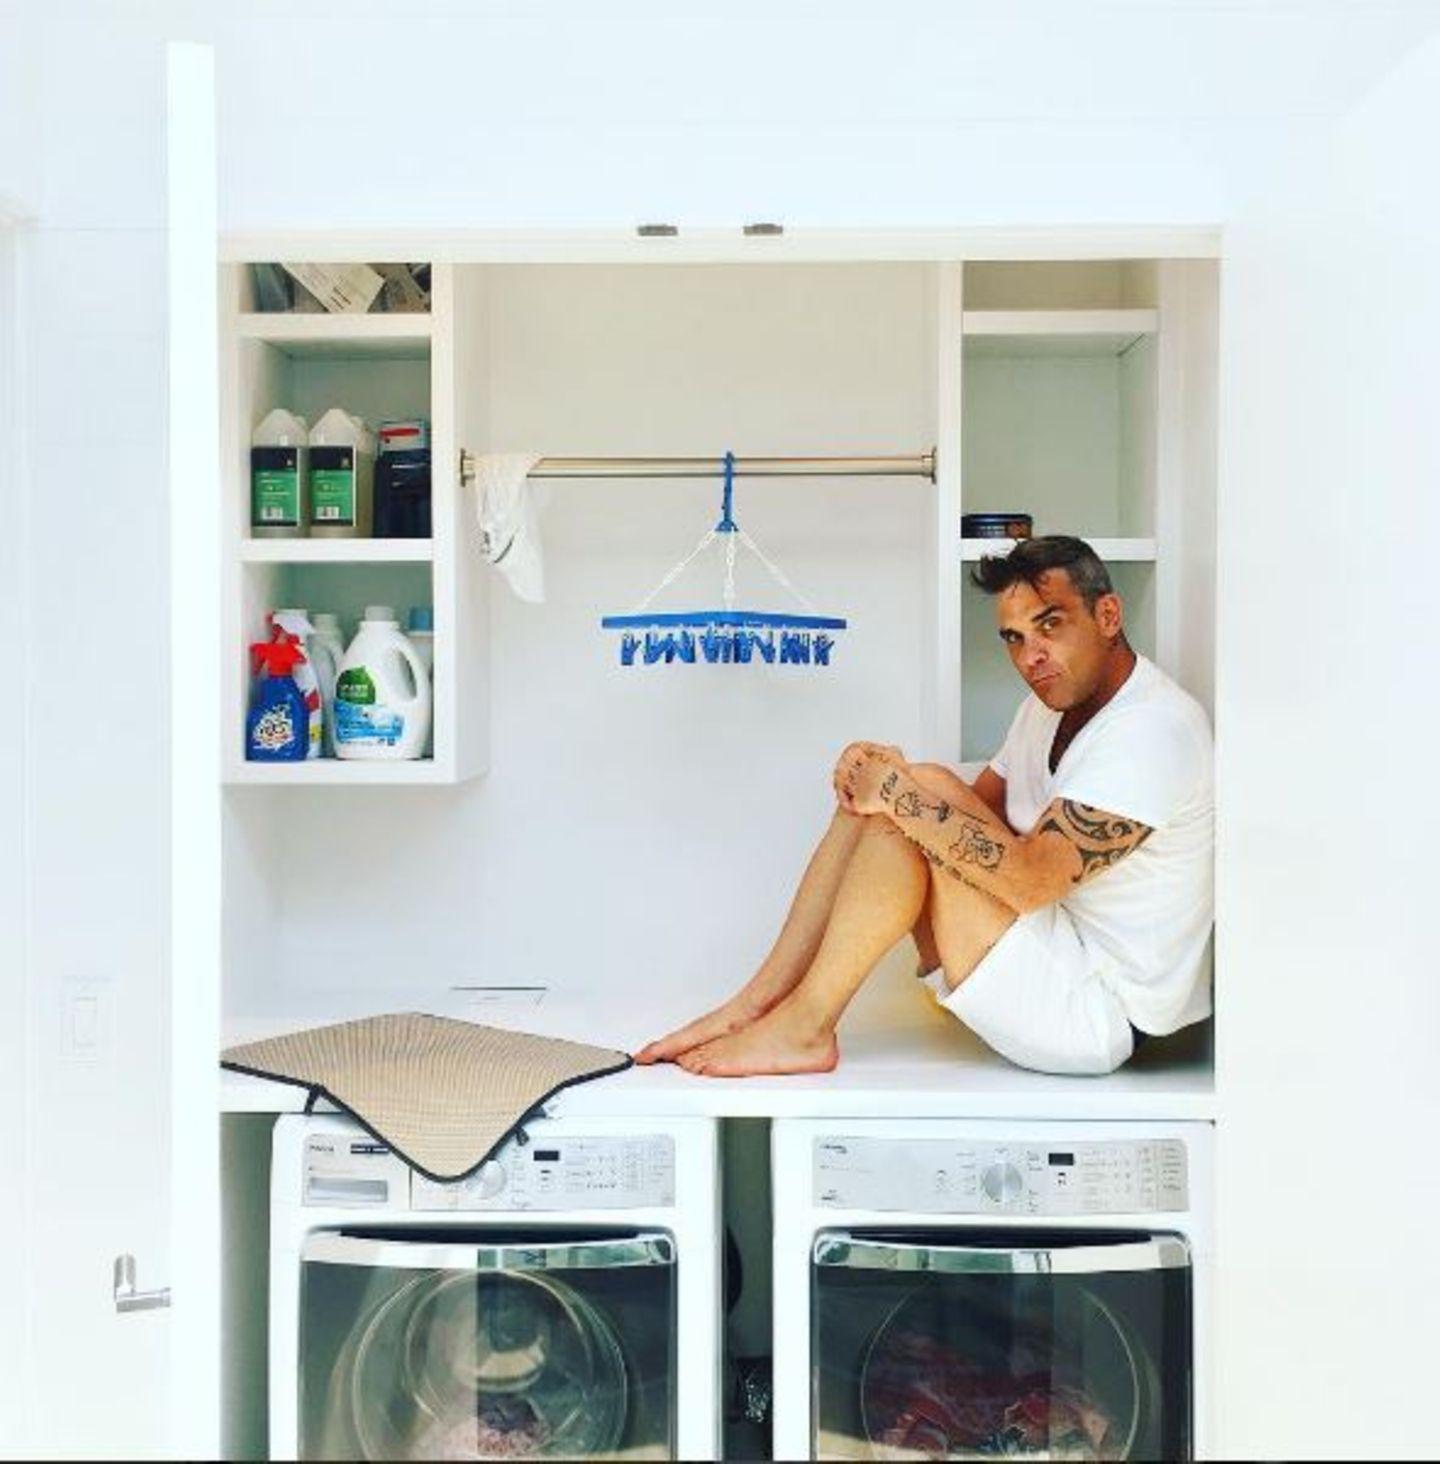 """August 2016   Einfach nur Lustig: Ayda Field überrascht immer wieder mit ihrem besonderen Humor. Dieses Bild von Robbie Williams betitelt sie schlicht mit: """"Ein Popstar auf der Waschmachine."""""""